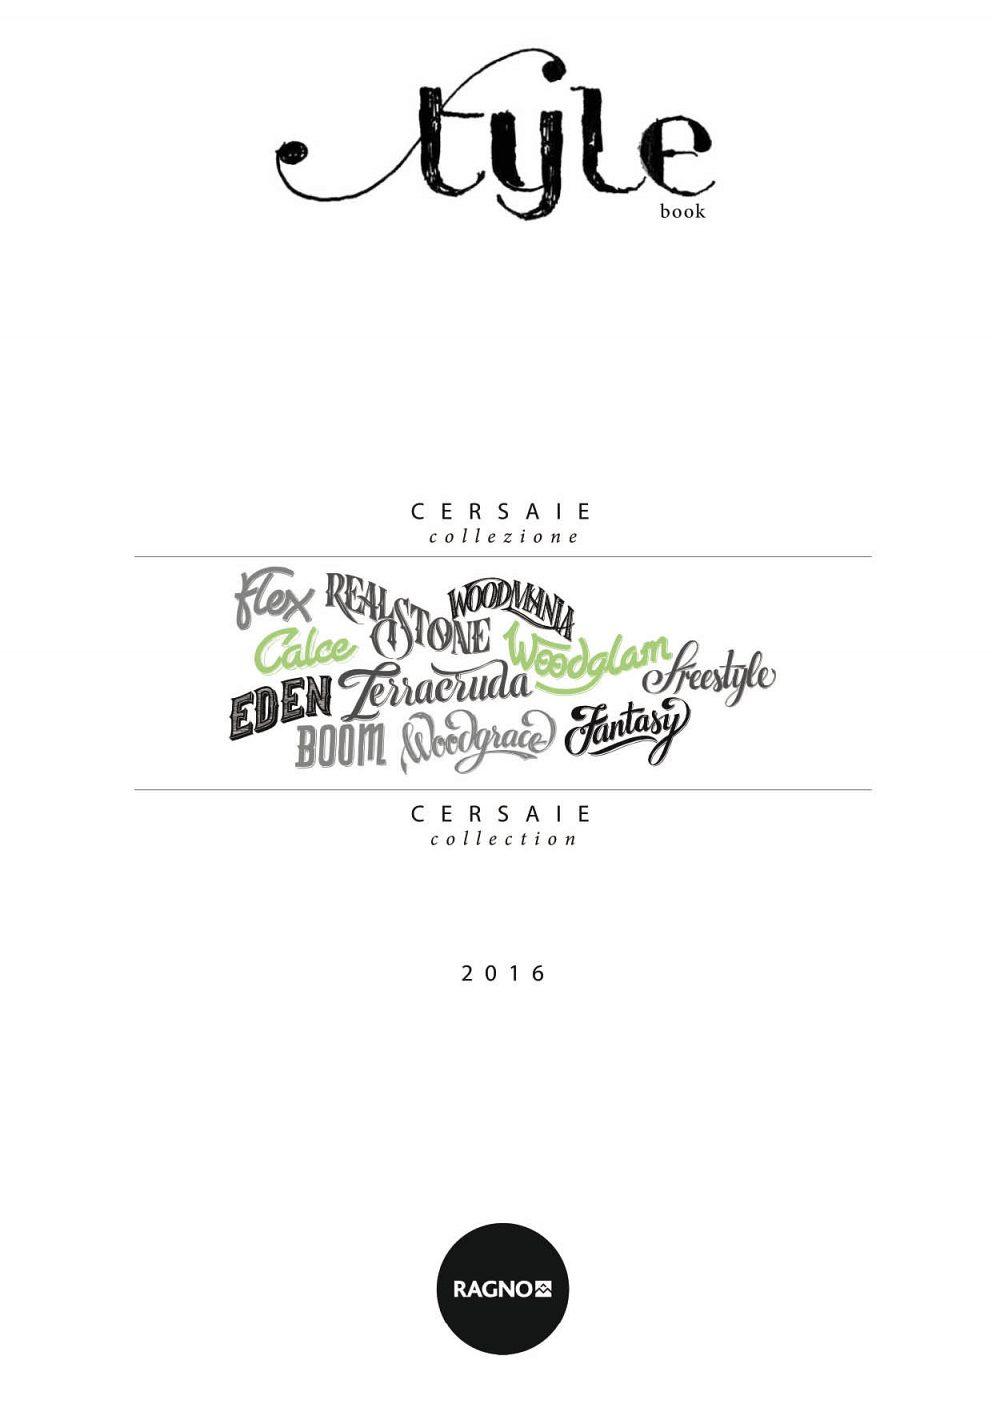 Ragno - Cersaie Collezione 2016